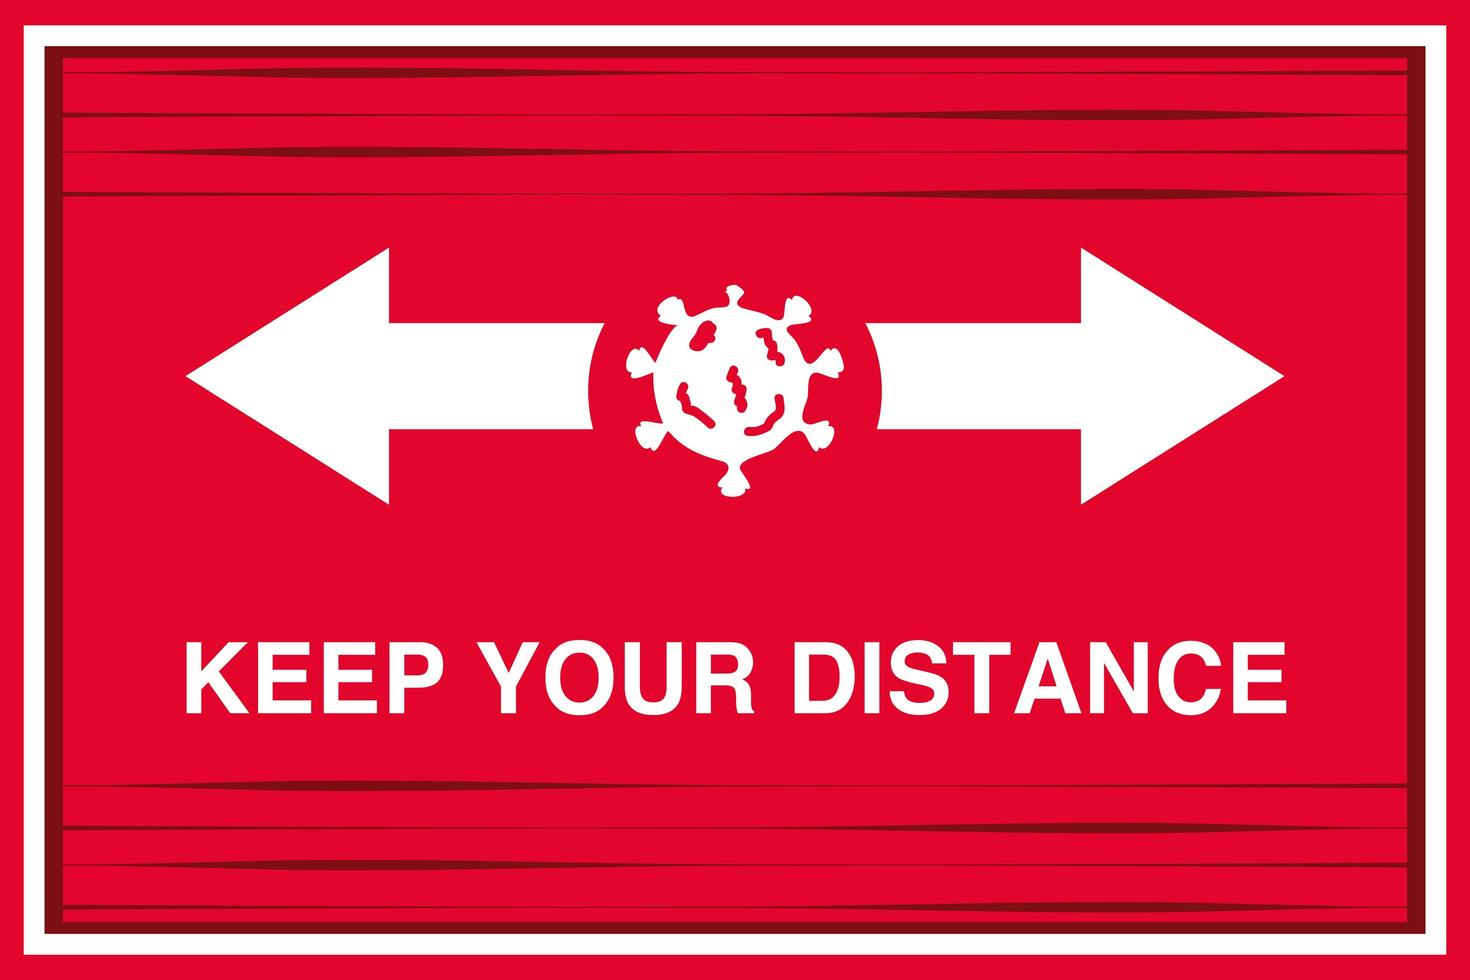 oefen alstublieft sociale afstand nemen, handhaaf sociale afstand om coronavirus te stoppen, banner vector